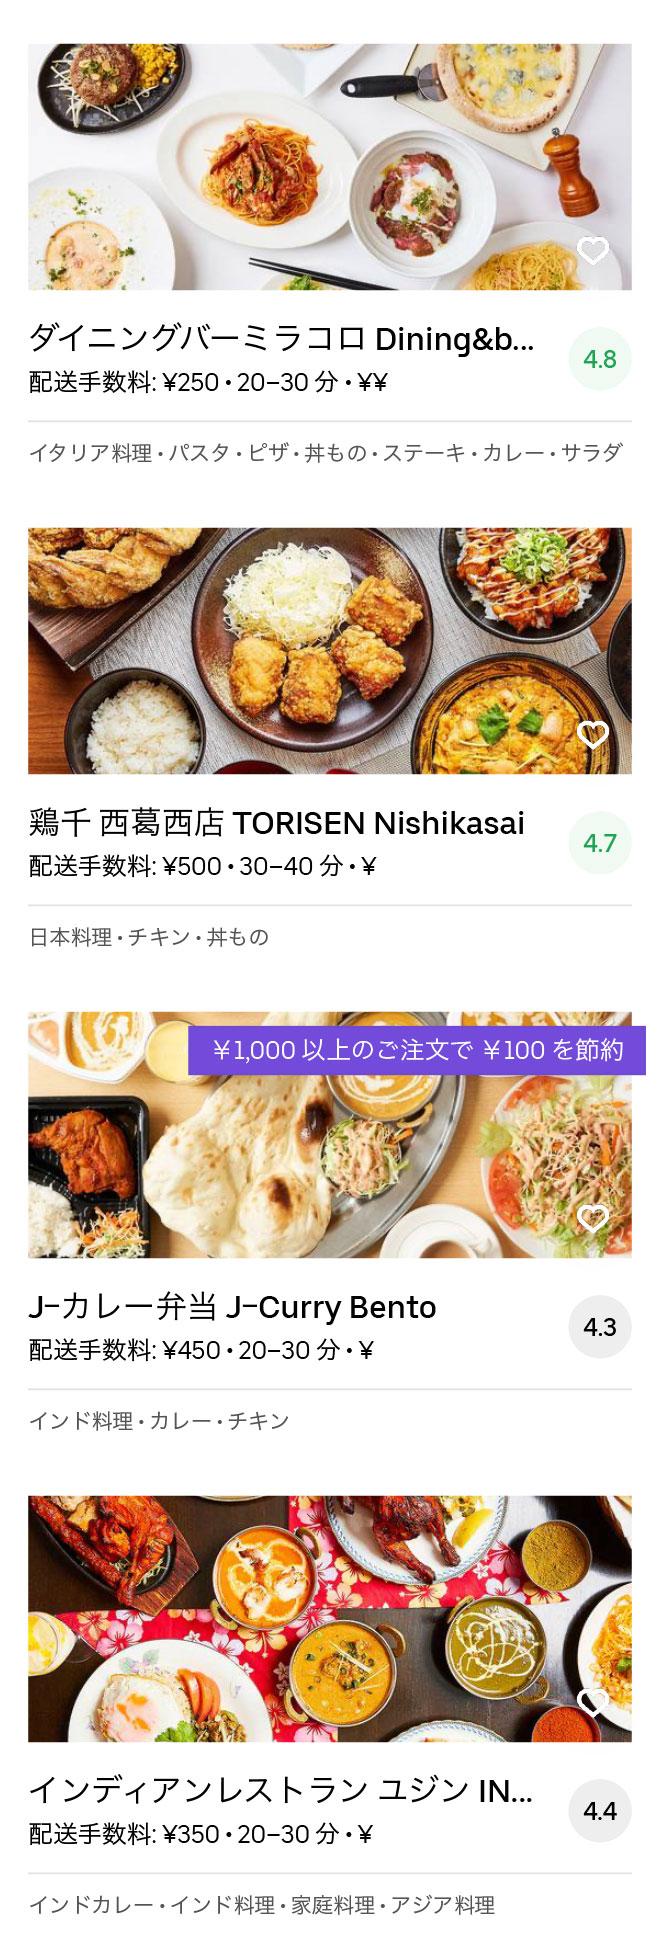 Urayasu menu 200411